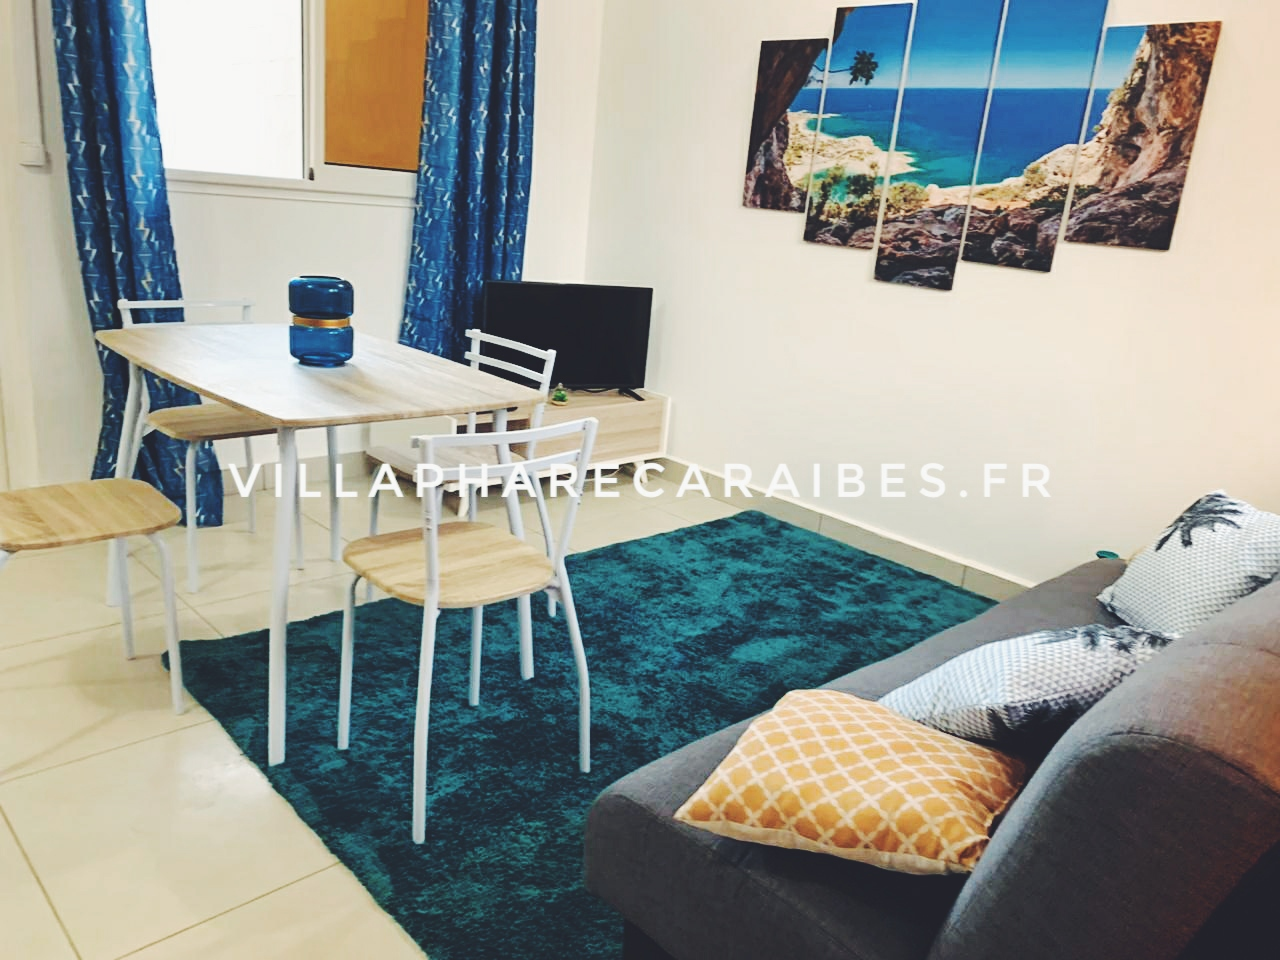 villa phare caraibes villapharecaraibes locations saisonnières location saisonniere le moule guadeloupe appartements plage balneaire touristique tourisme iles de islands caribbean